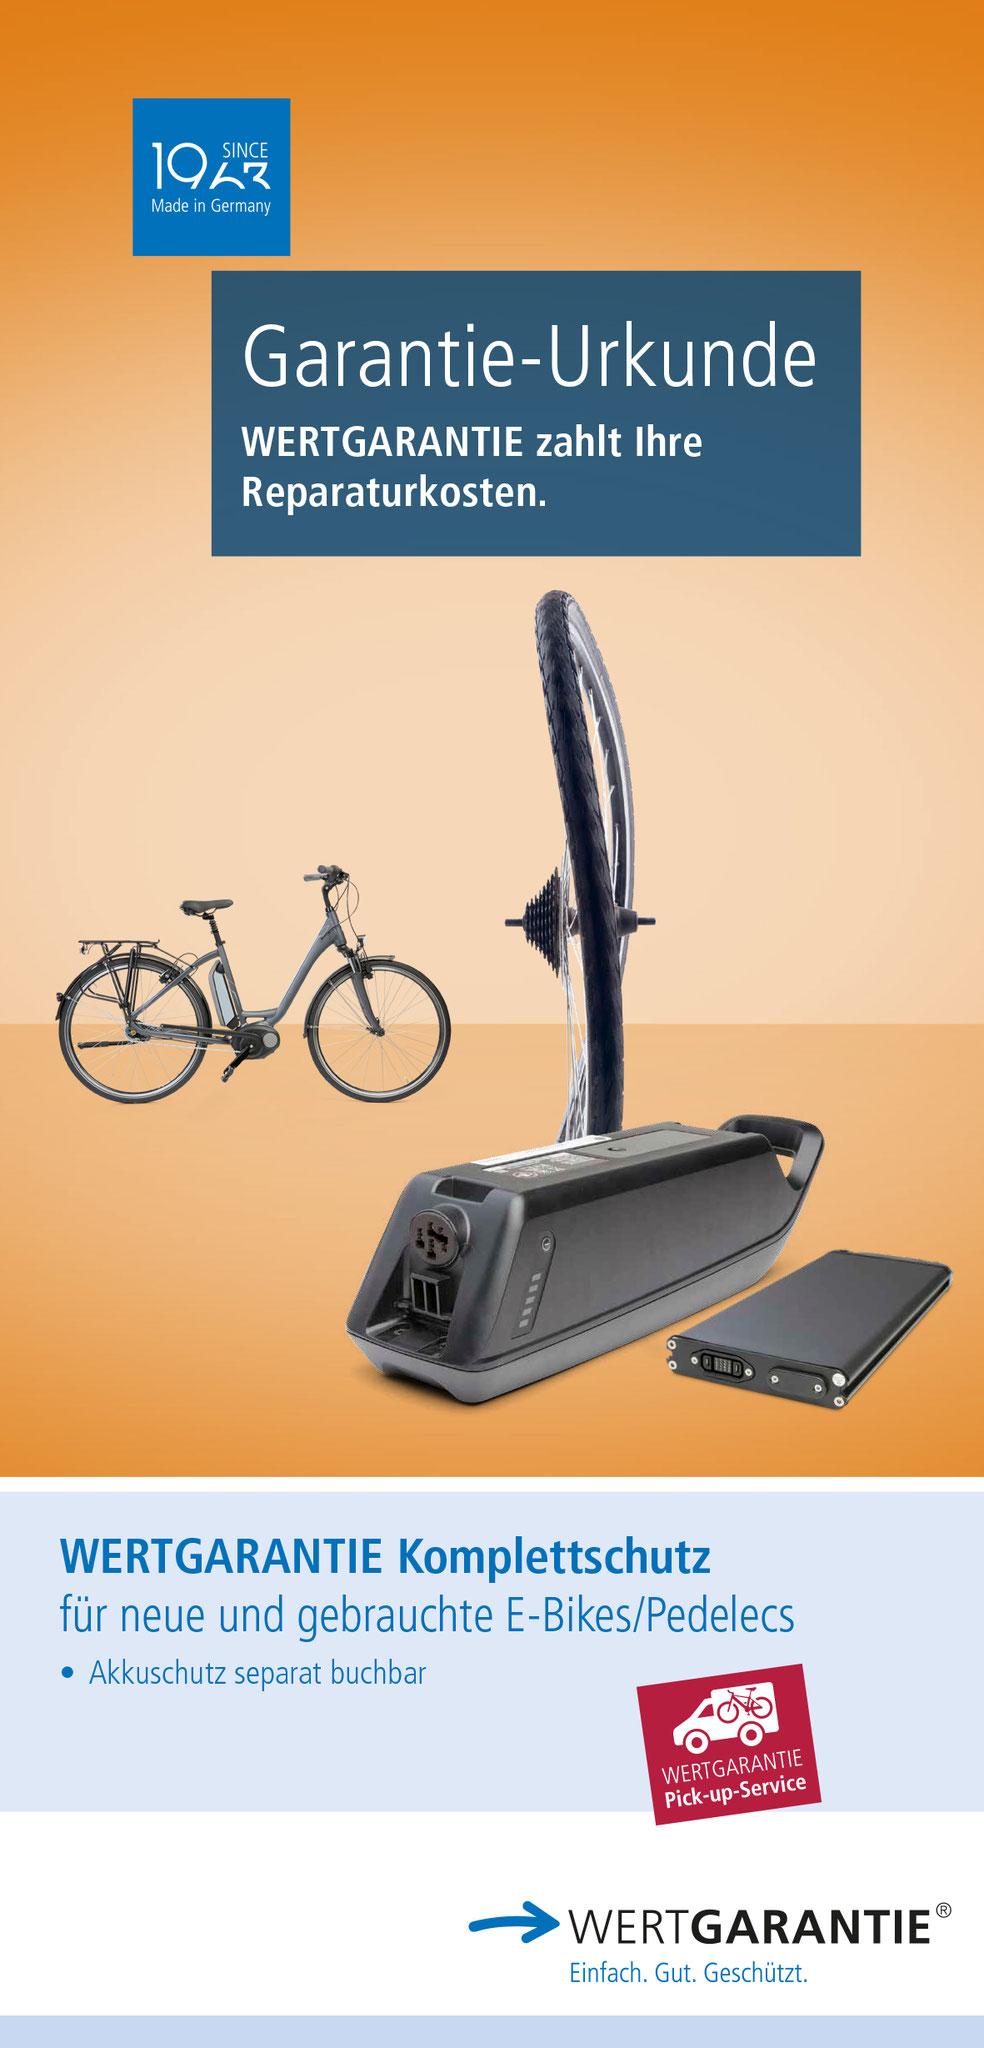 Der Wertgarantie Komplettschutz für neue und gebrauchte E-Bikes/Pedelecs.